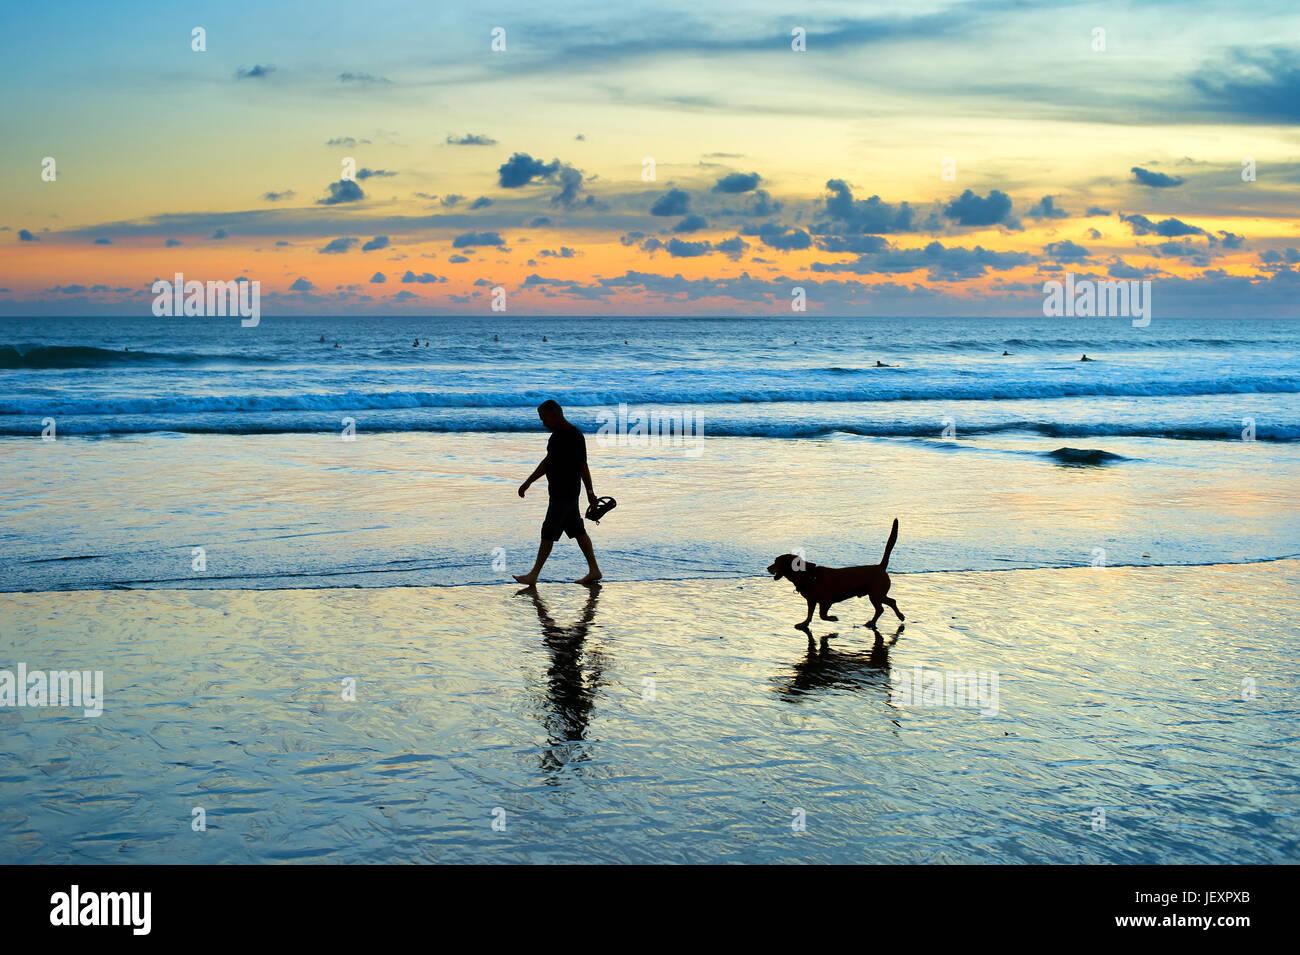 Silhouette von Mann und Hund spazieren am Strand bei Sonnenuntergang. Insel Bali, Indonesien Stockbild